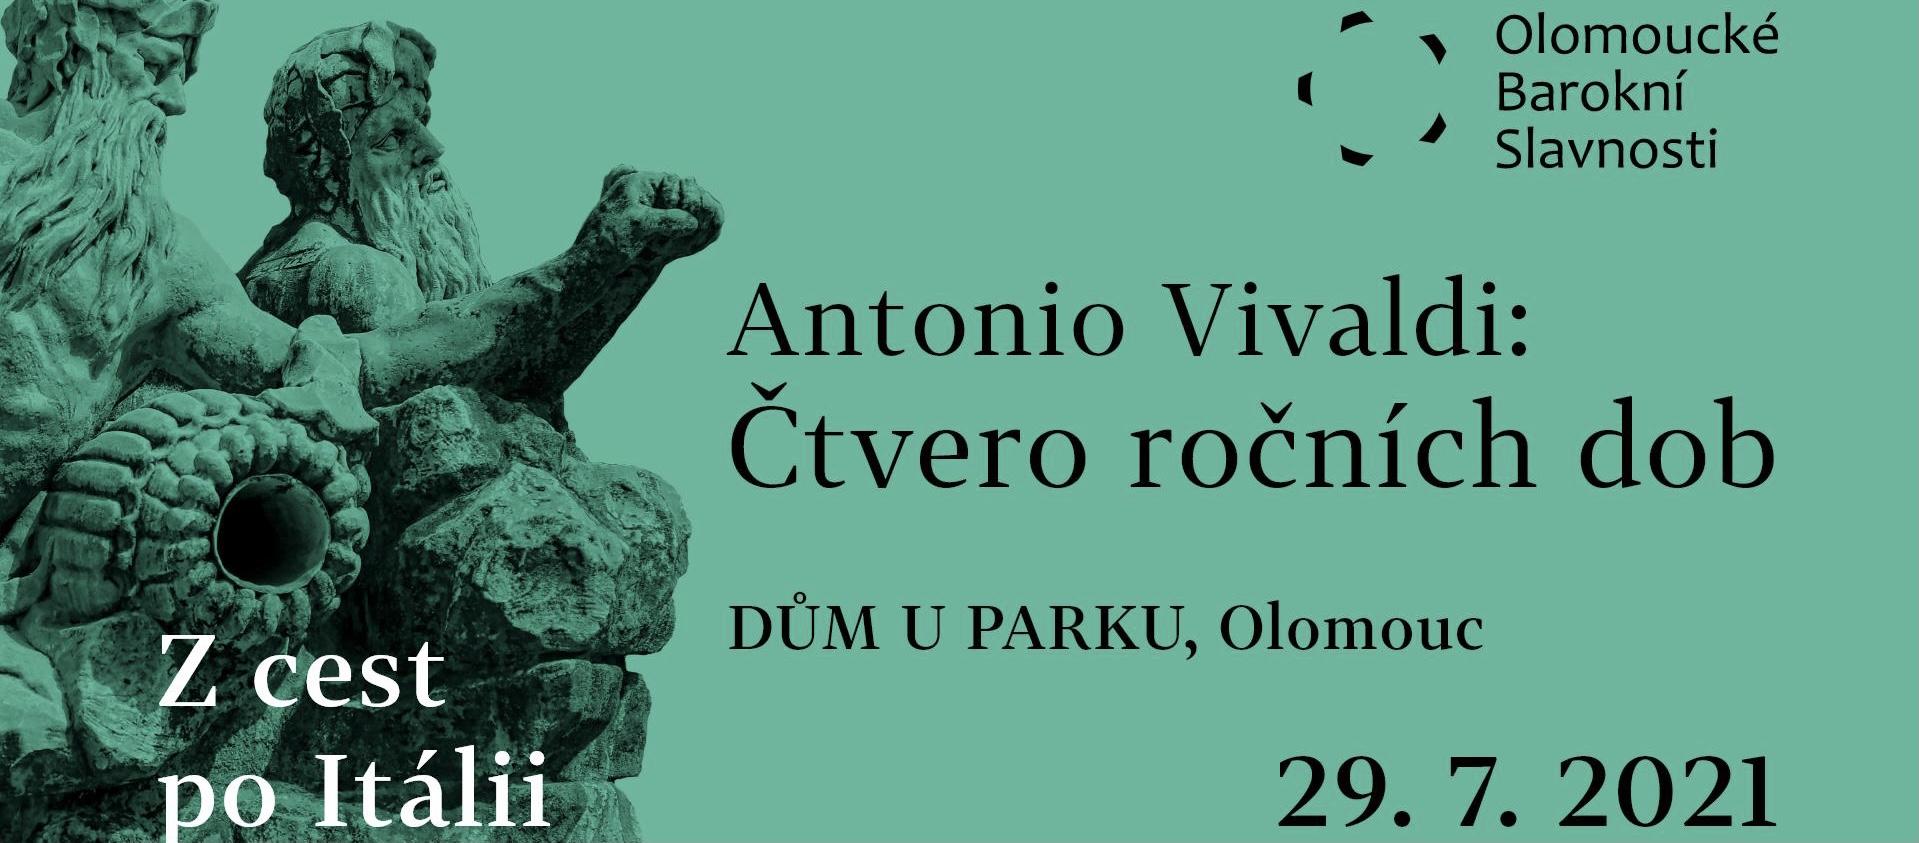 Antonio Vivaldi: Čtvero ročních dob